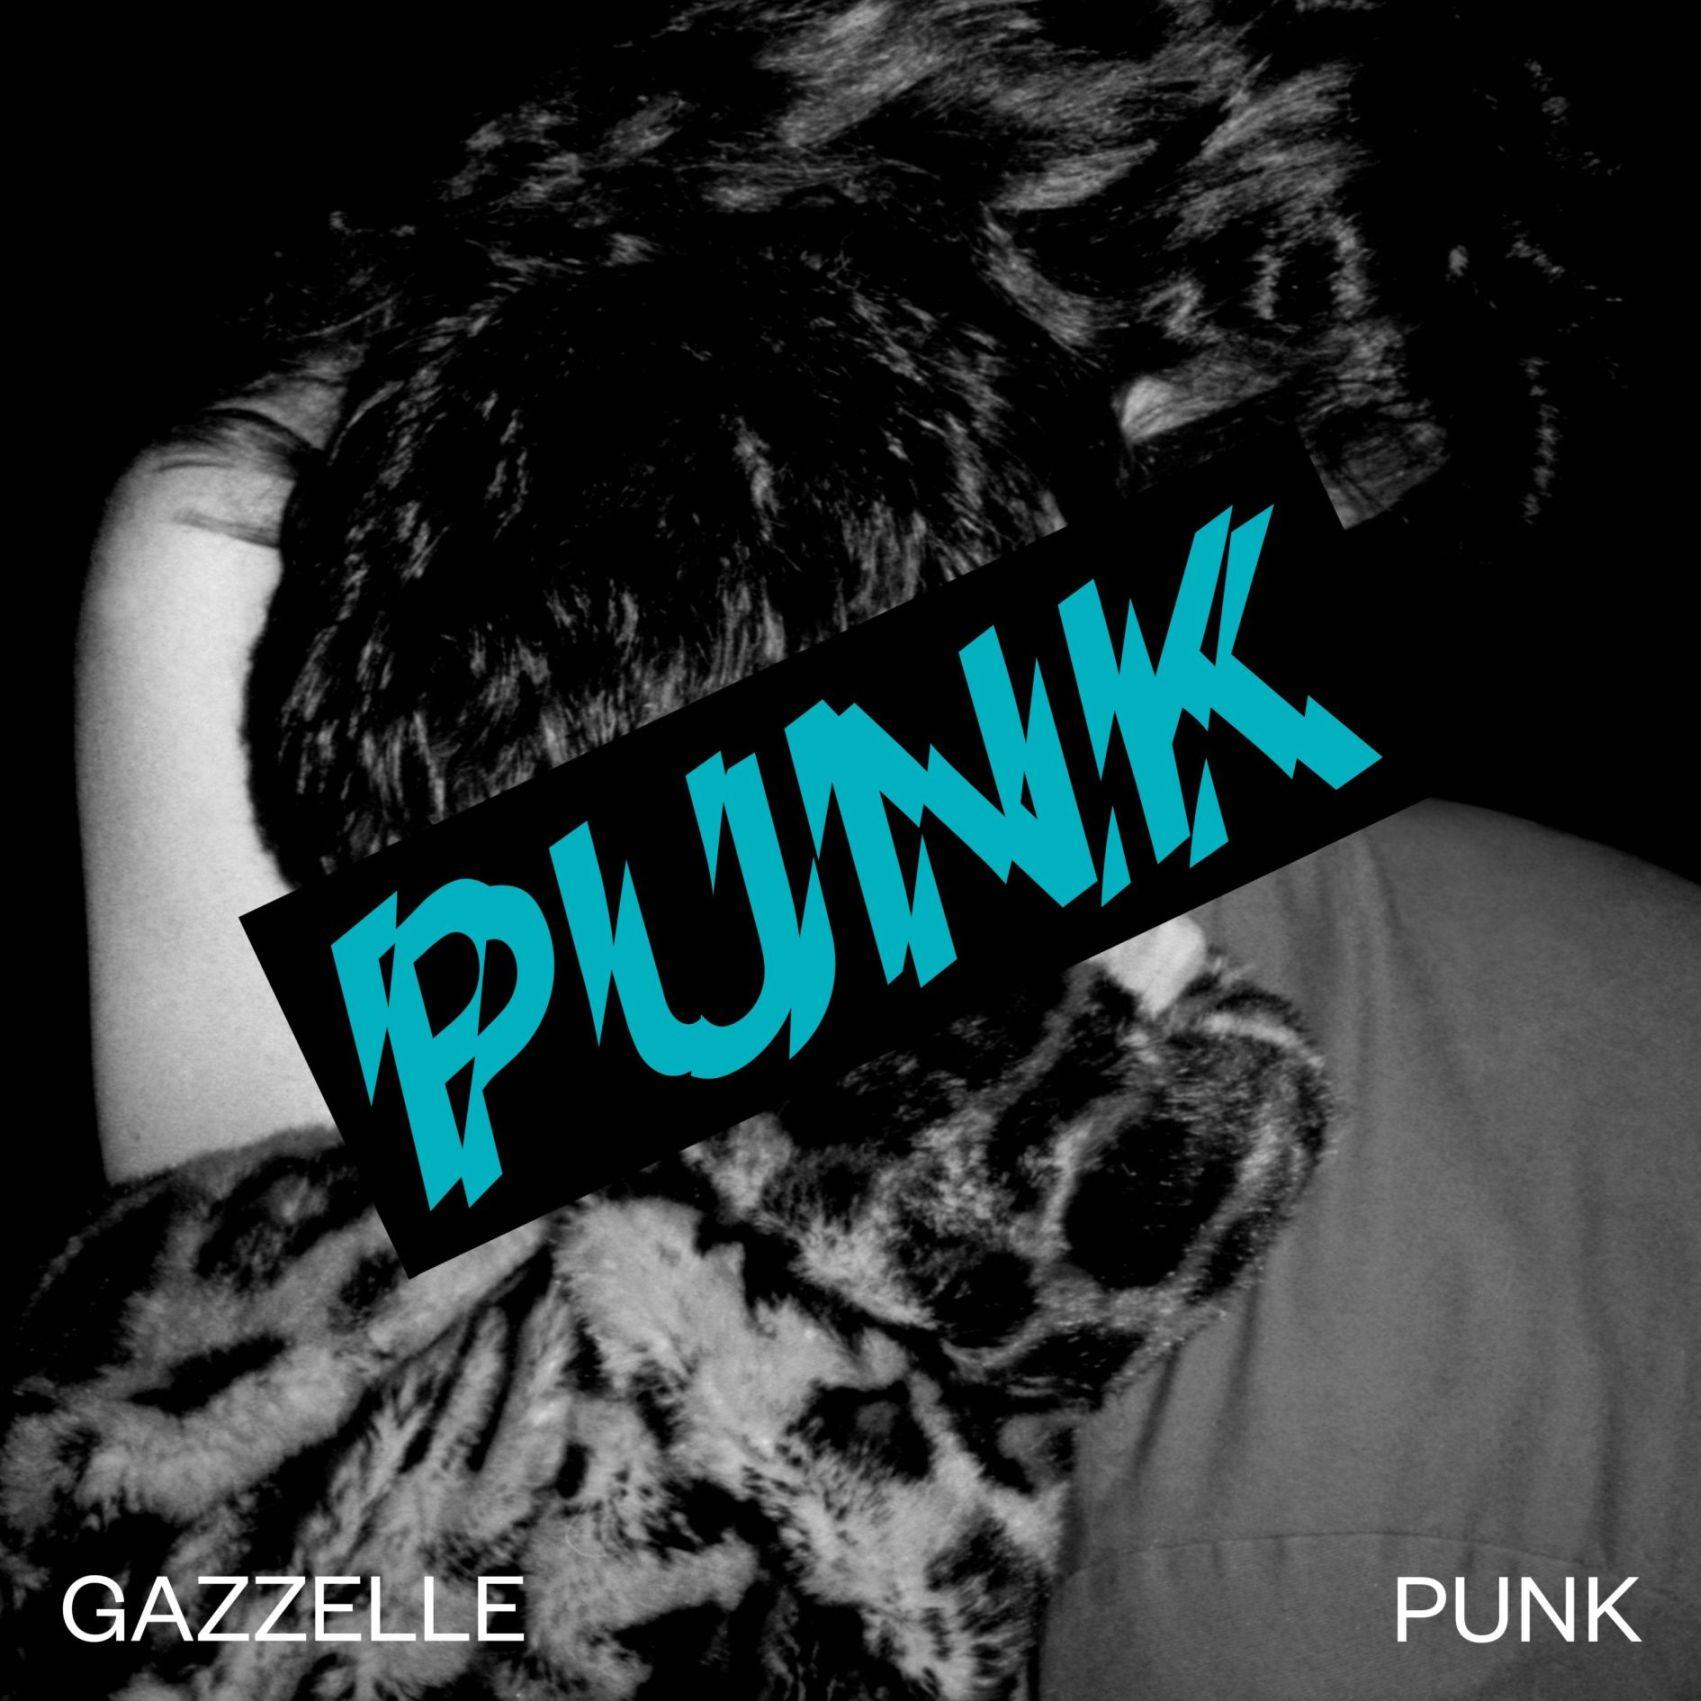 GAZZELLE_cover Punk_foto di Antonio Cavalieri_b